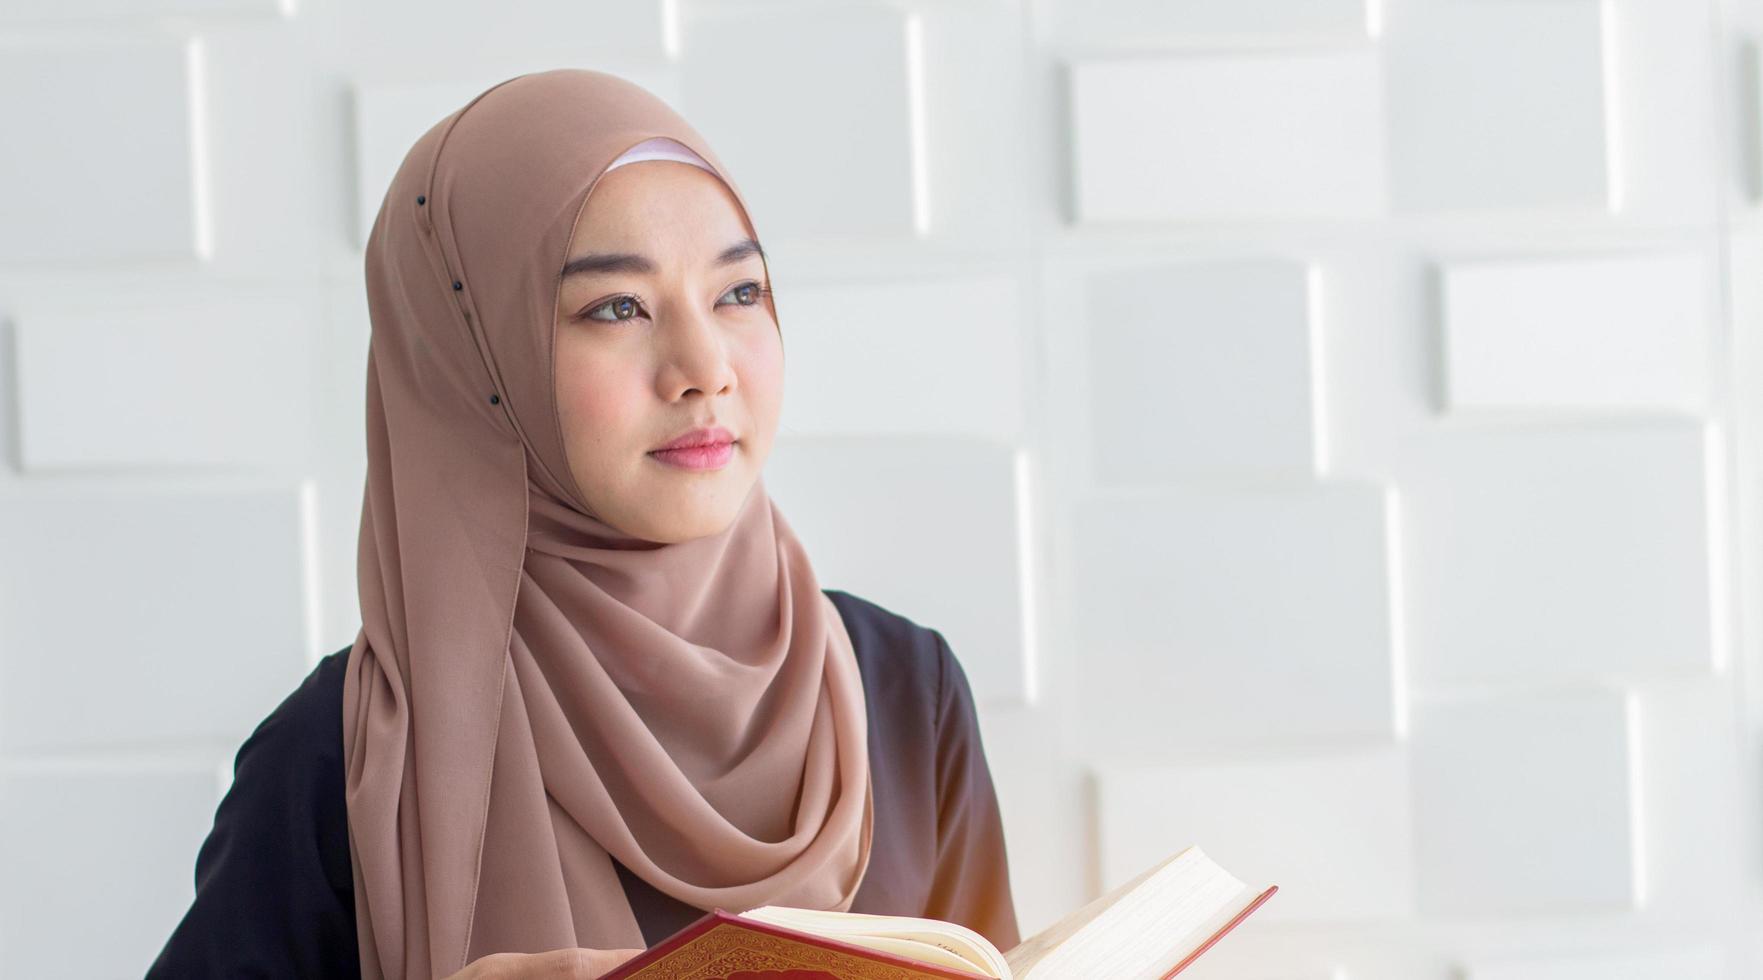 giovane donna musulmana vestita con un hijab nero, pregando per Allah, copia dello spazio. concetto rituali religiosi per la pace foto